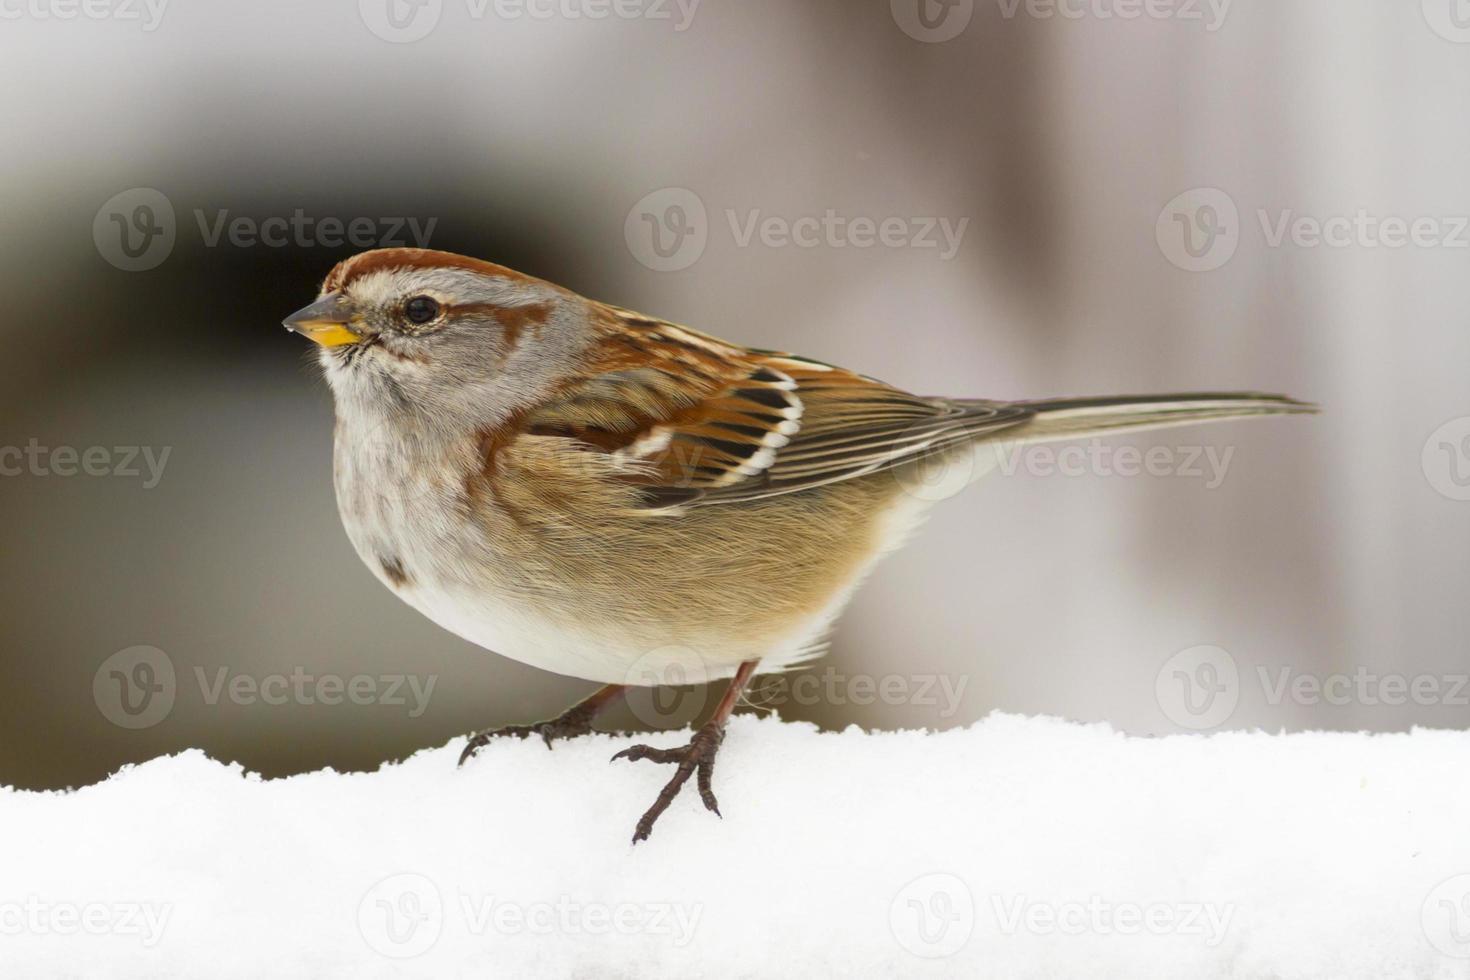 Américain arbre moineau oiseau dans la neige d'hiver photo